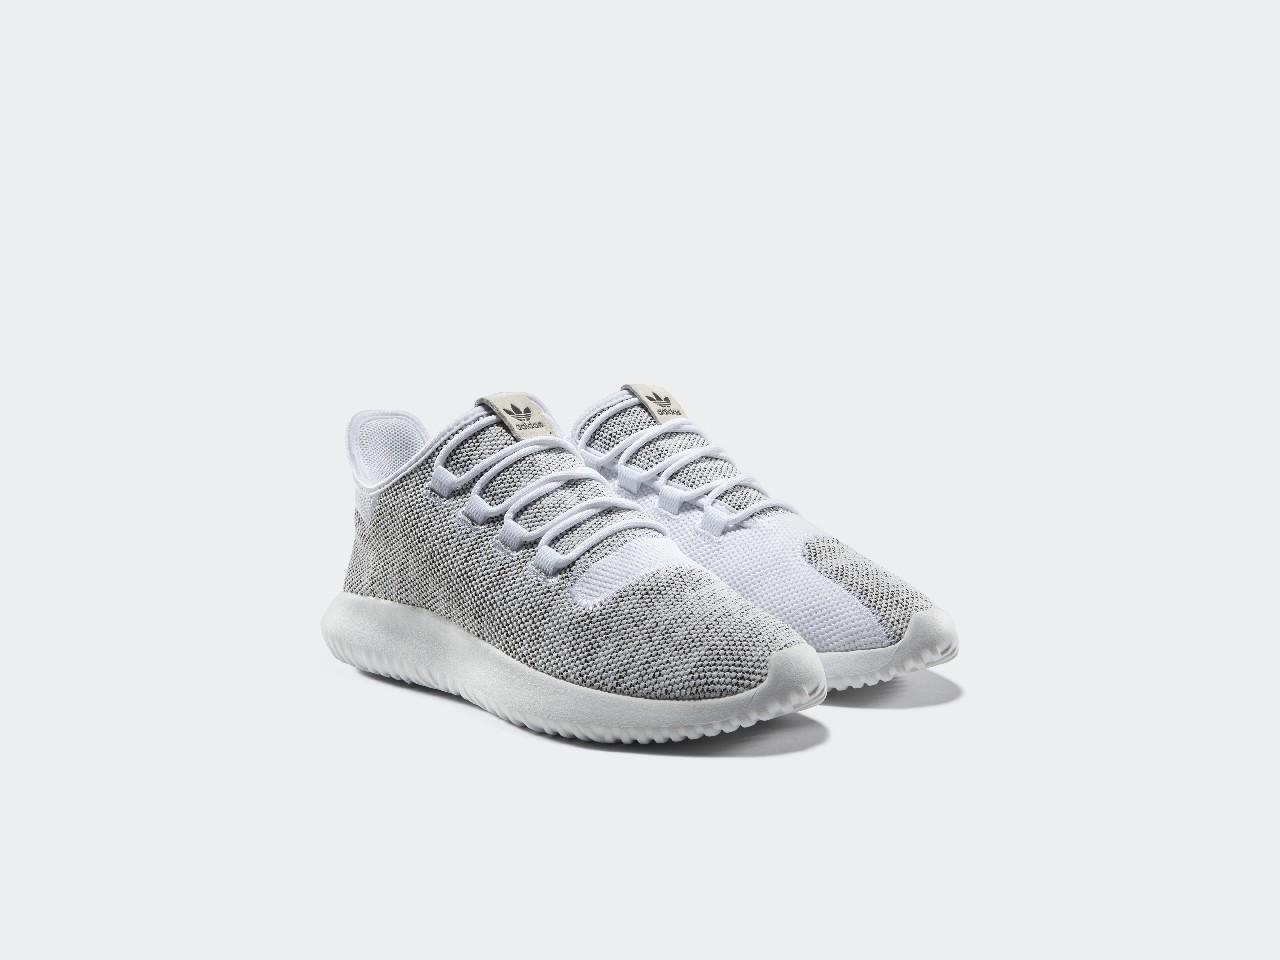 adidas scarpe nuove 2017